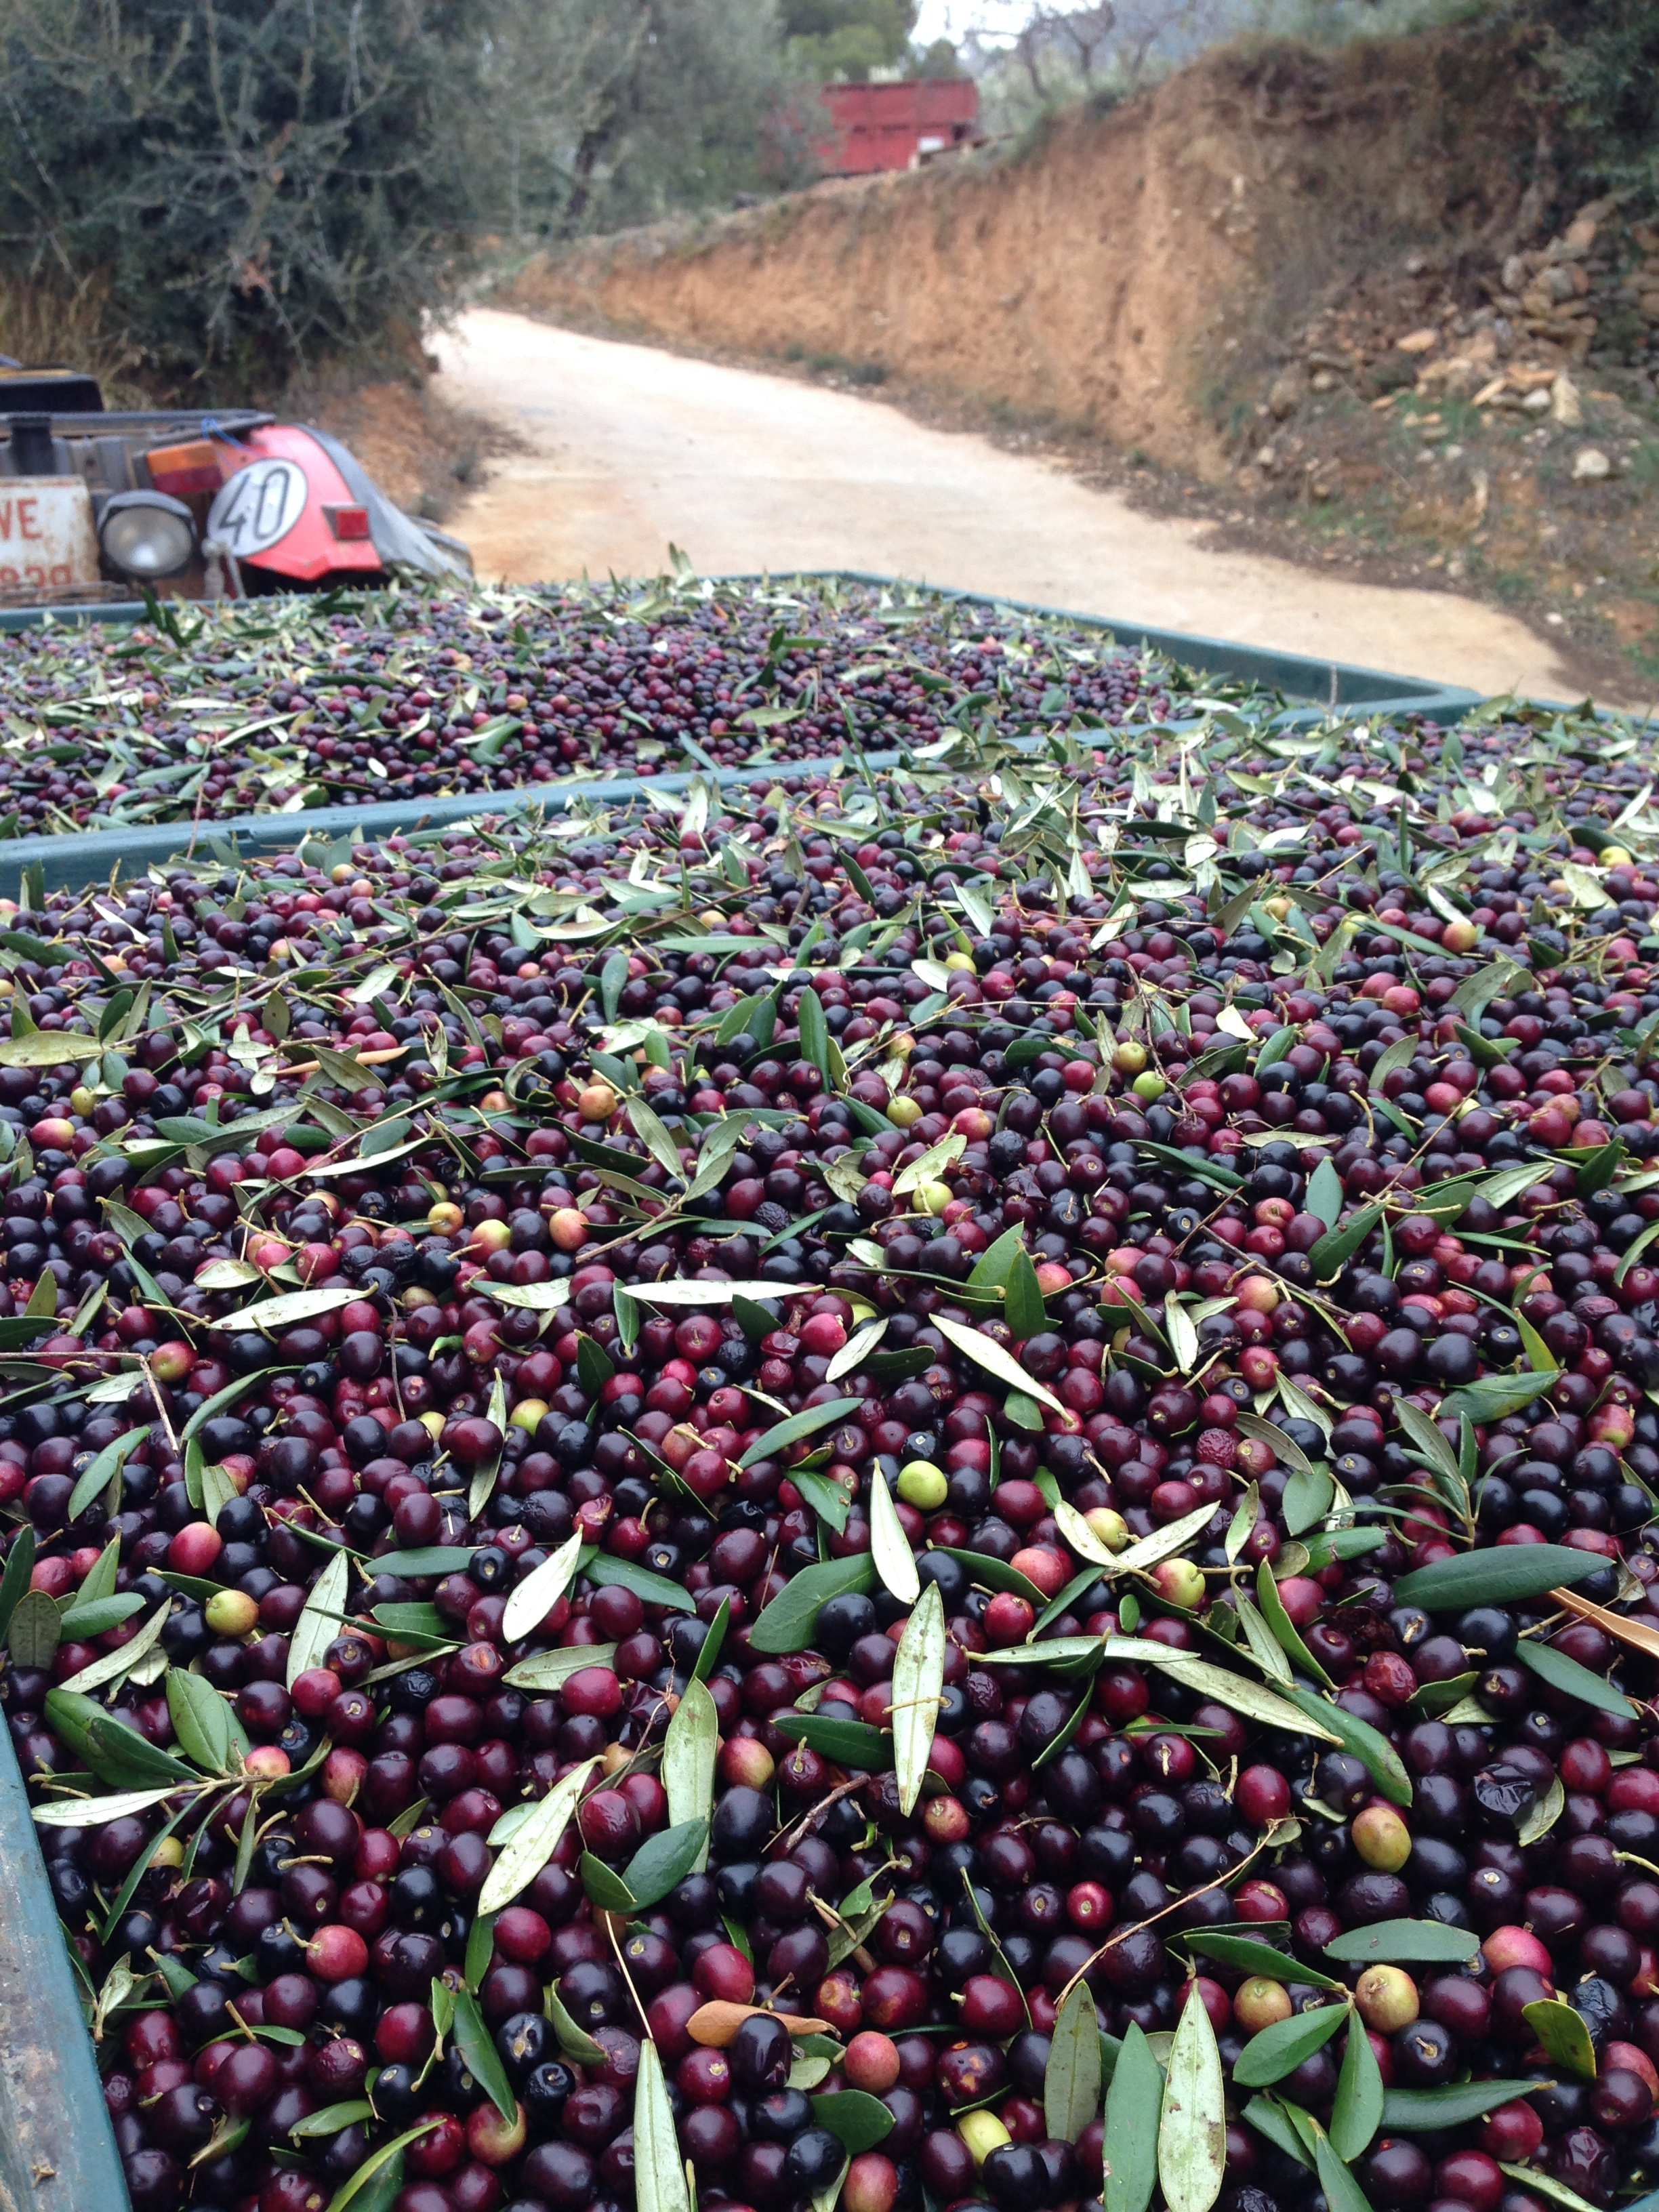 harvested olives